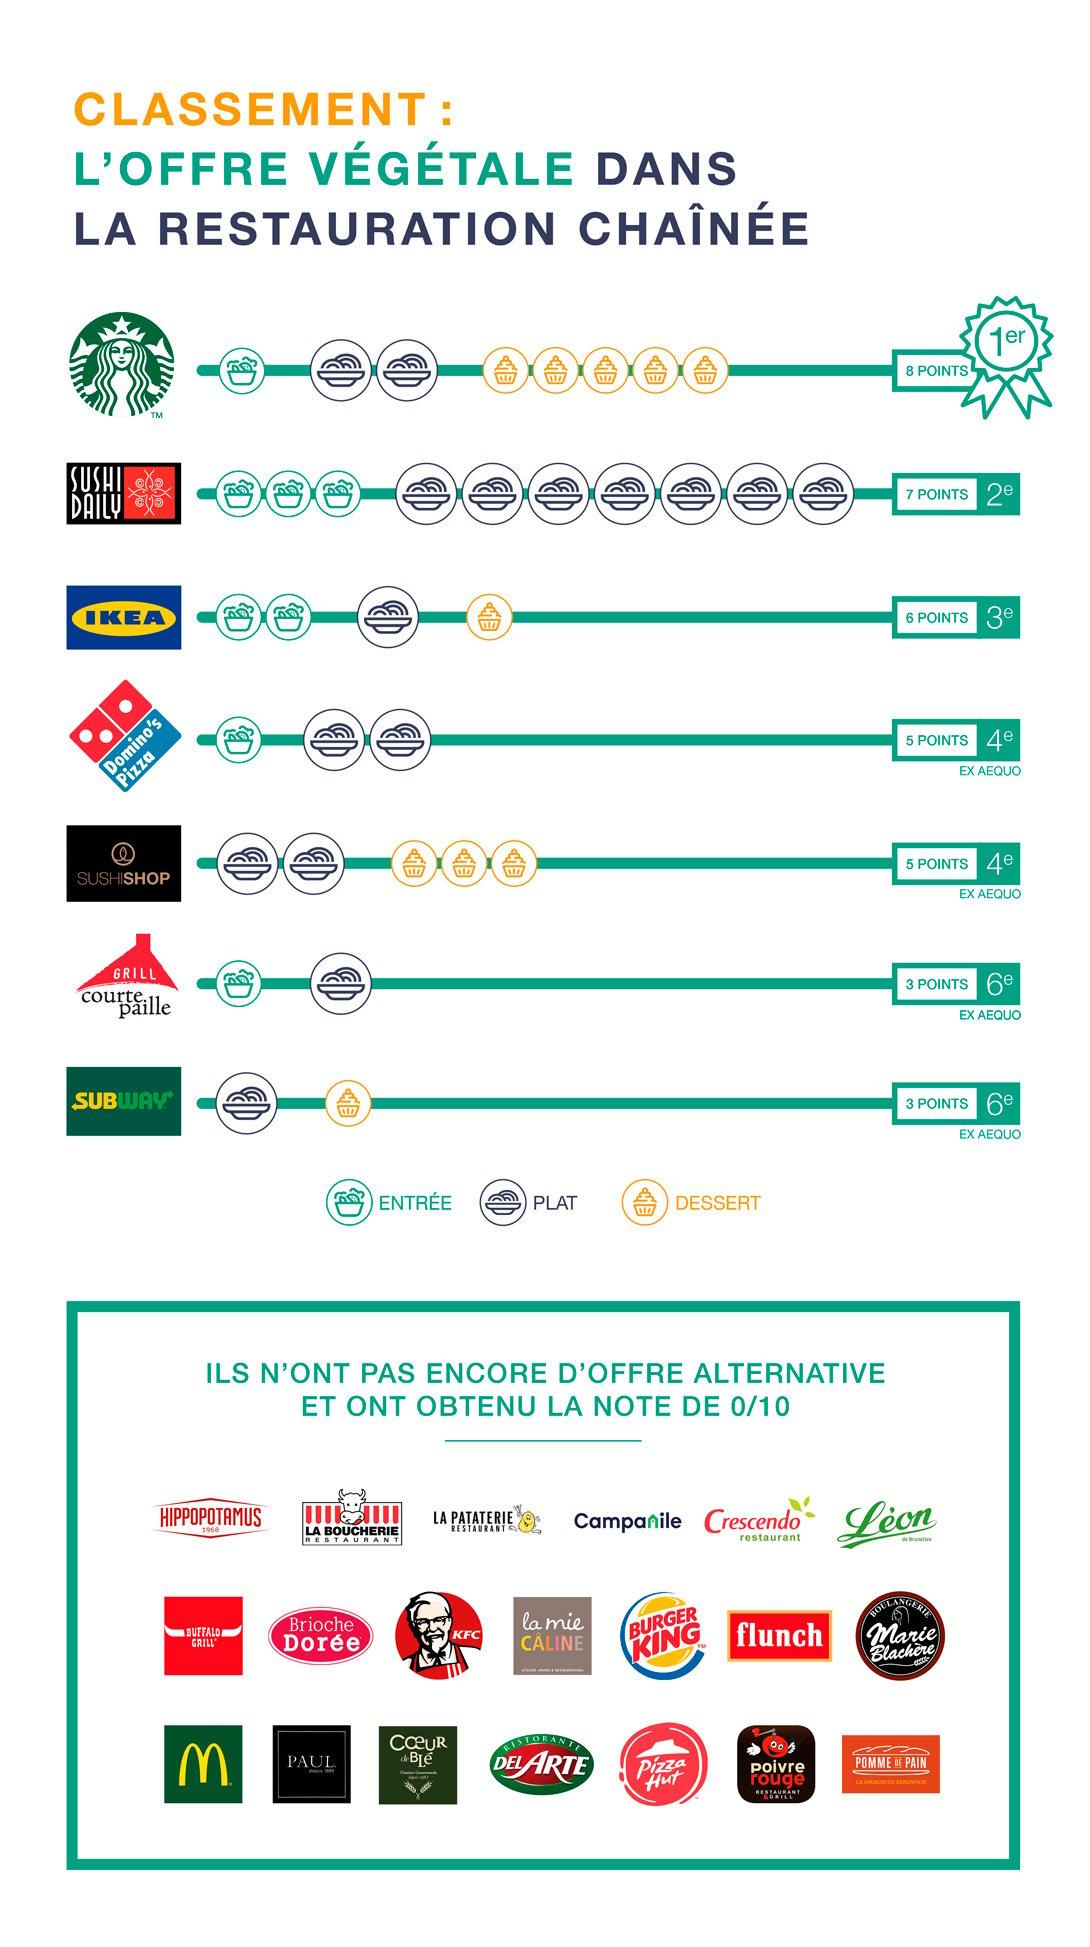 Tableau classement des chaînes de restaurants